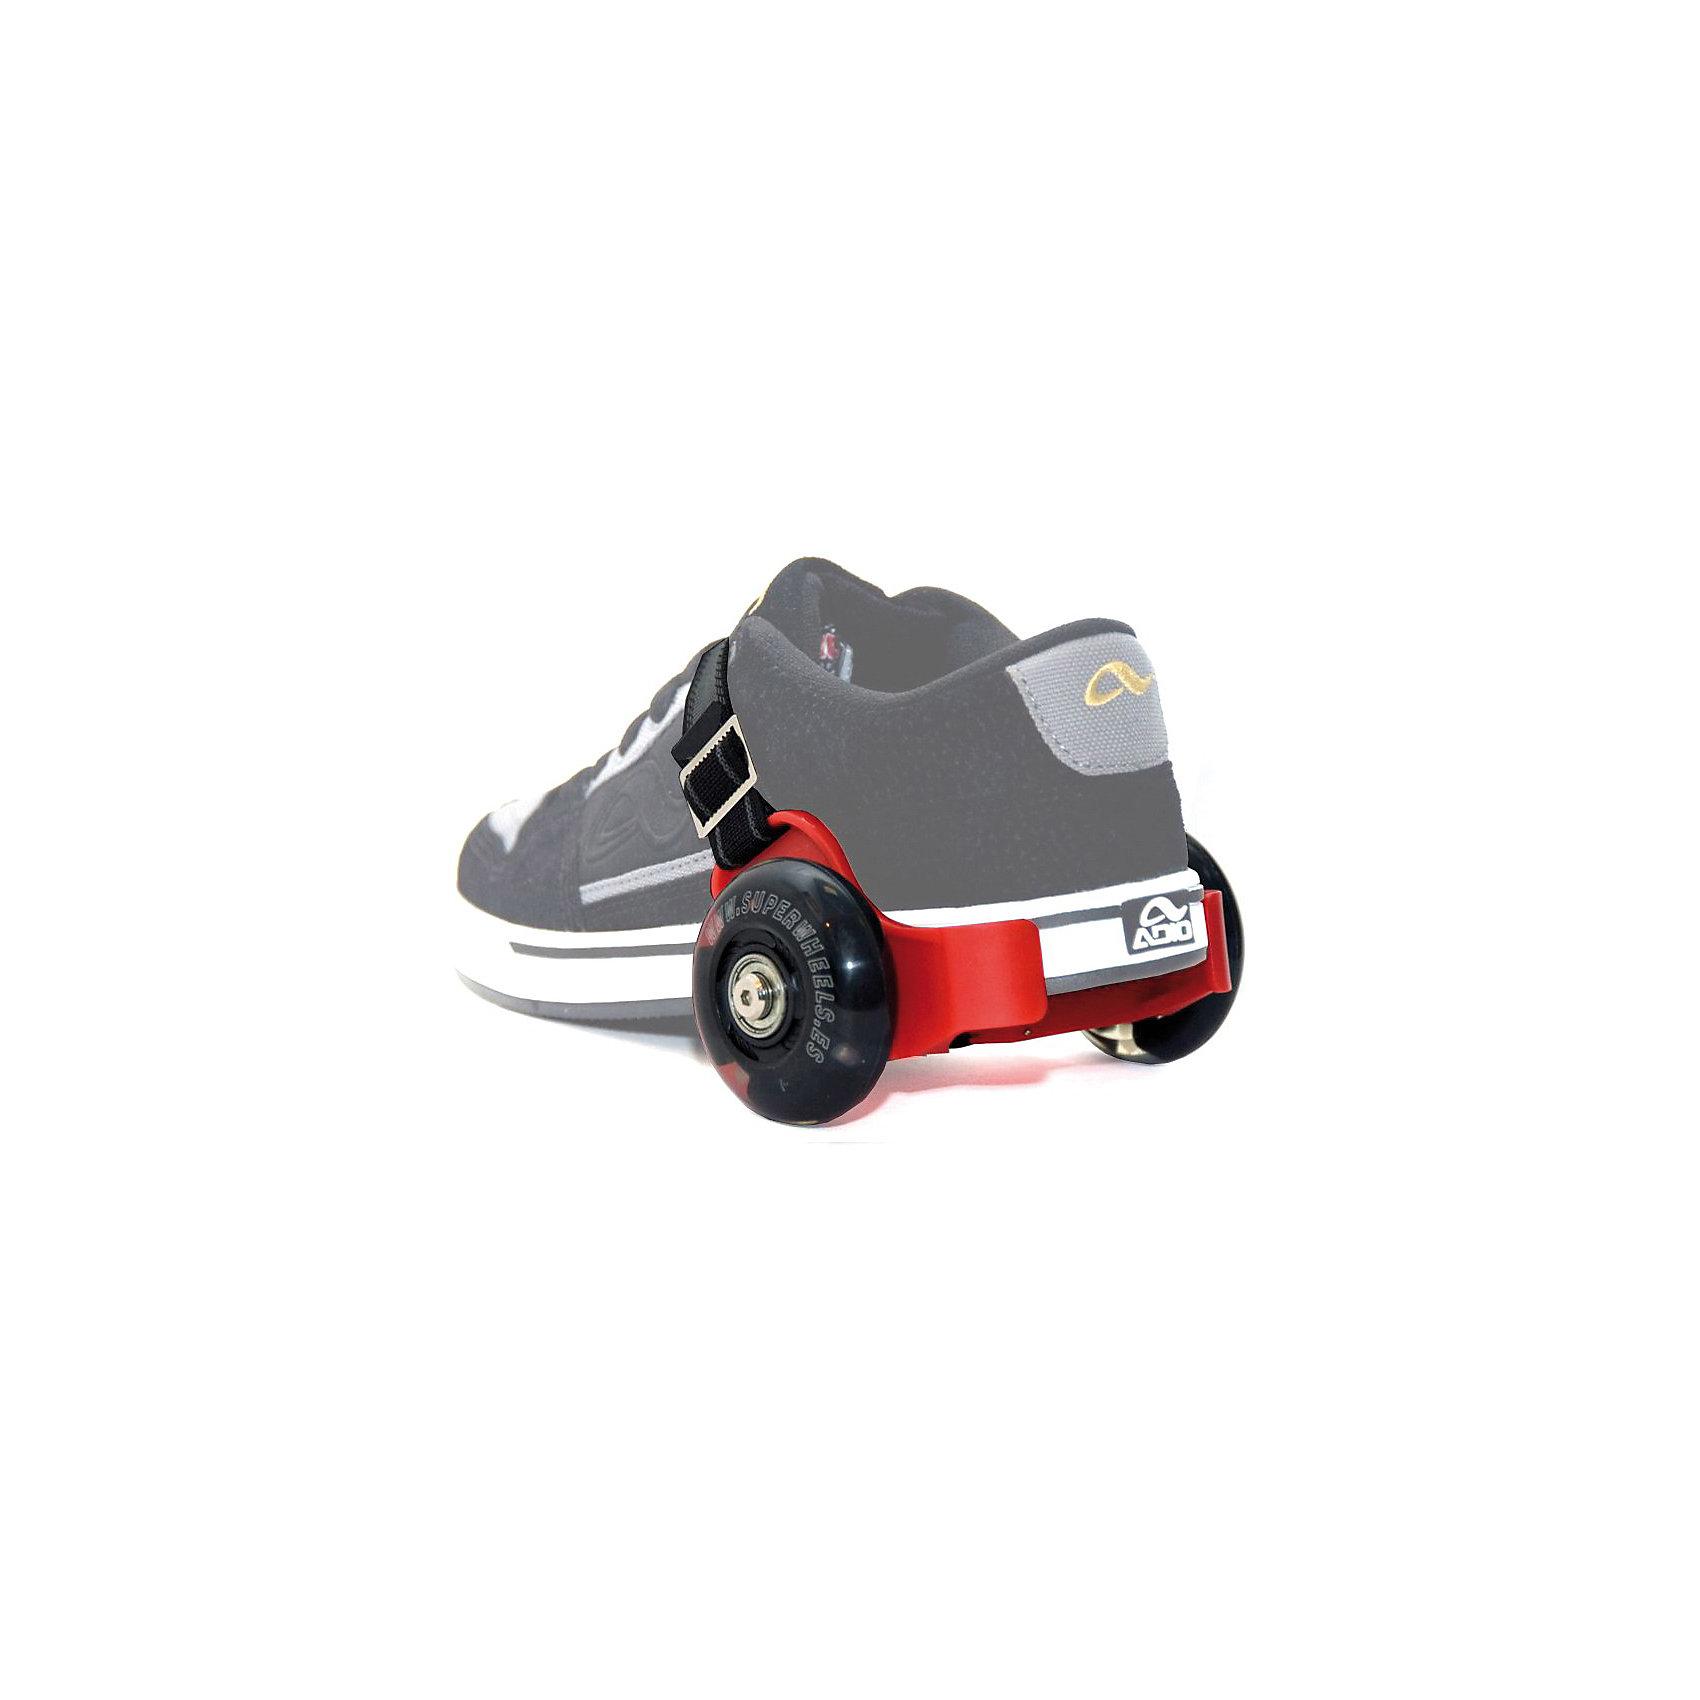 Ролики для обуви, SuperWheels, красные